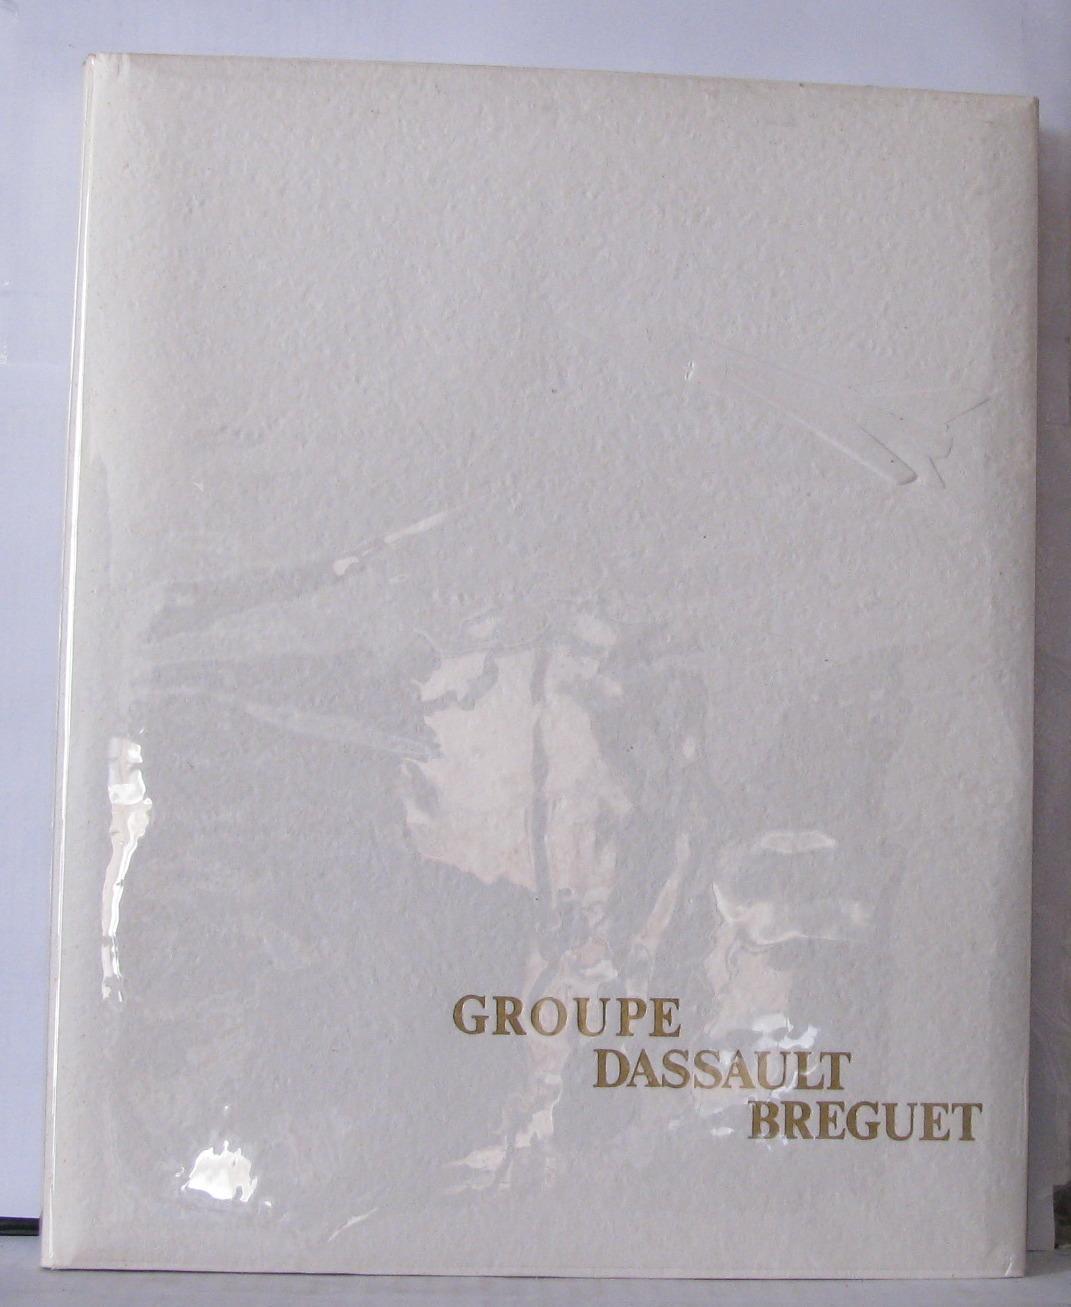 Historique du Groupe Dassault-Breguet Groupe Dassault Breguet [ ] [Couverture rigide] 150pp. Bon Etat in4 Cartonnage editeur sous jacquette Fiches techniques en fin d'ouvrage , bordure emboîtage usagée